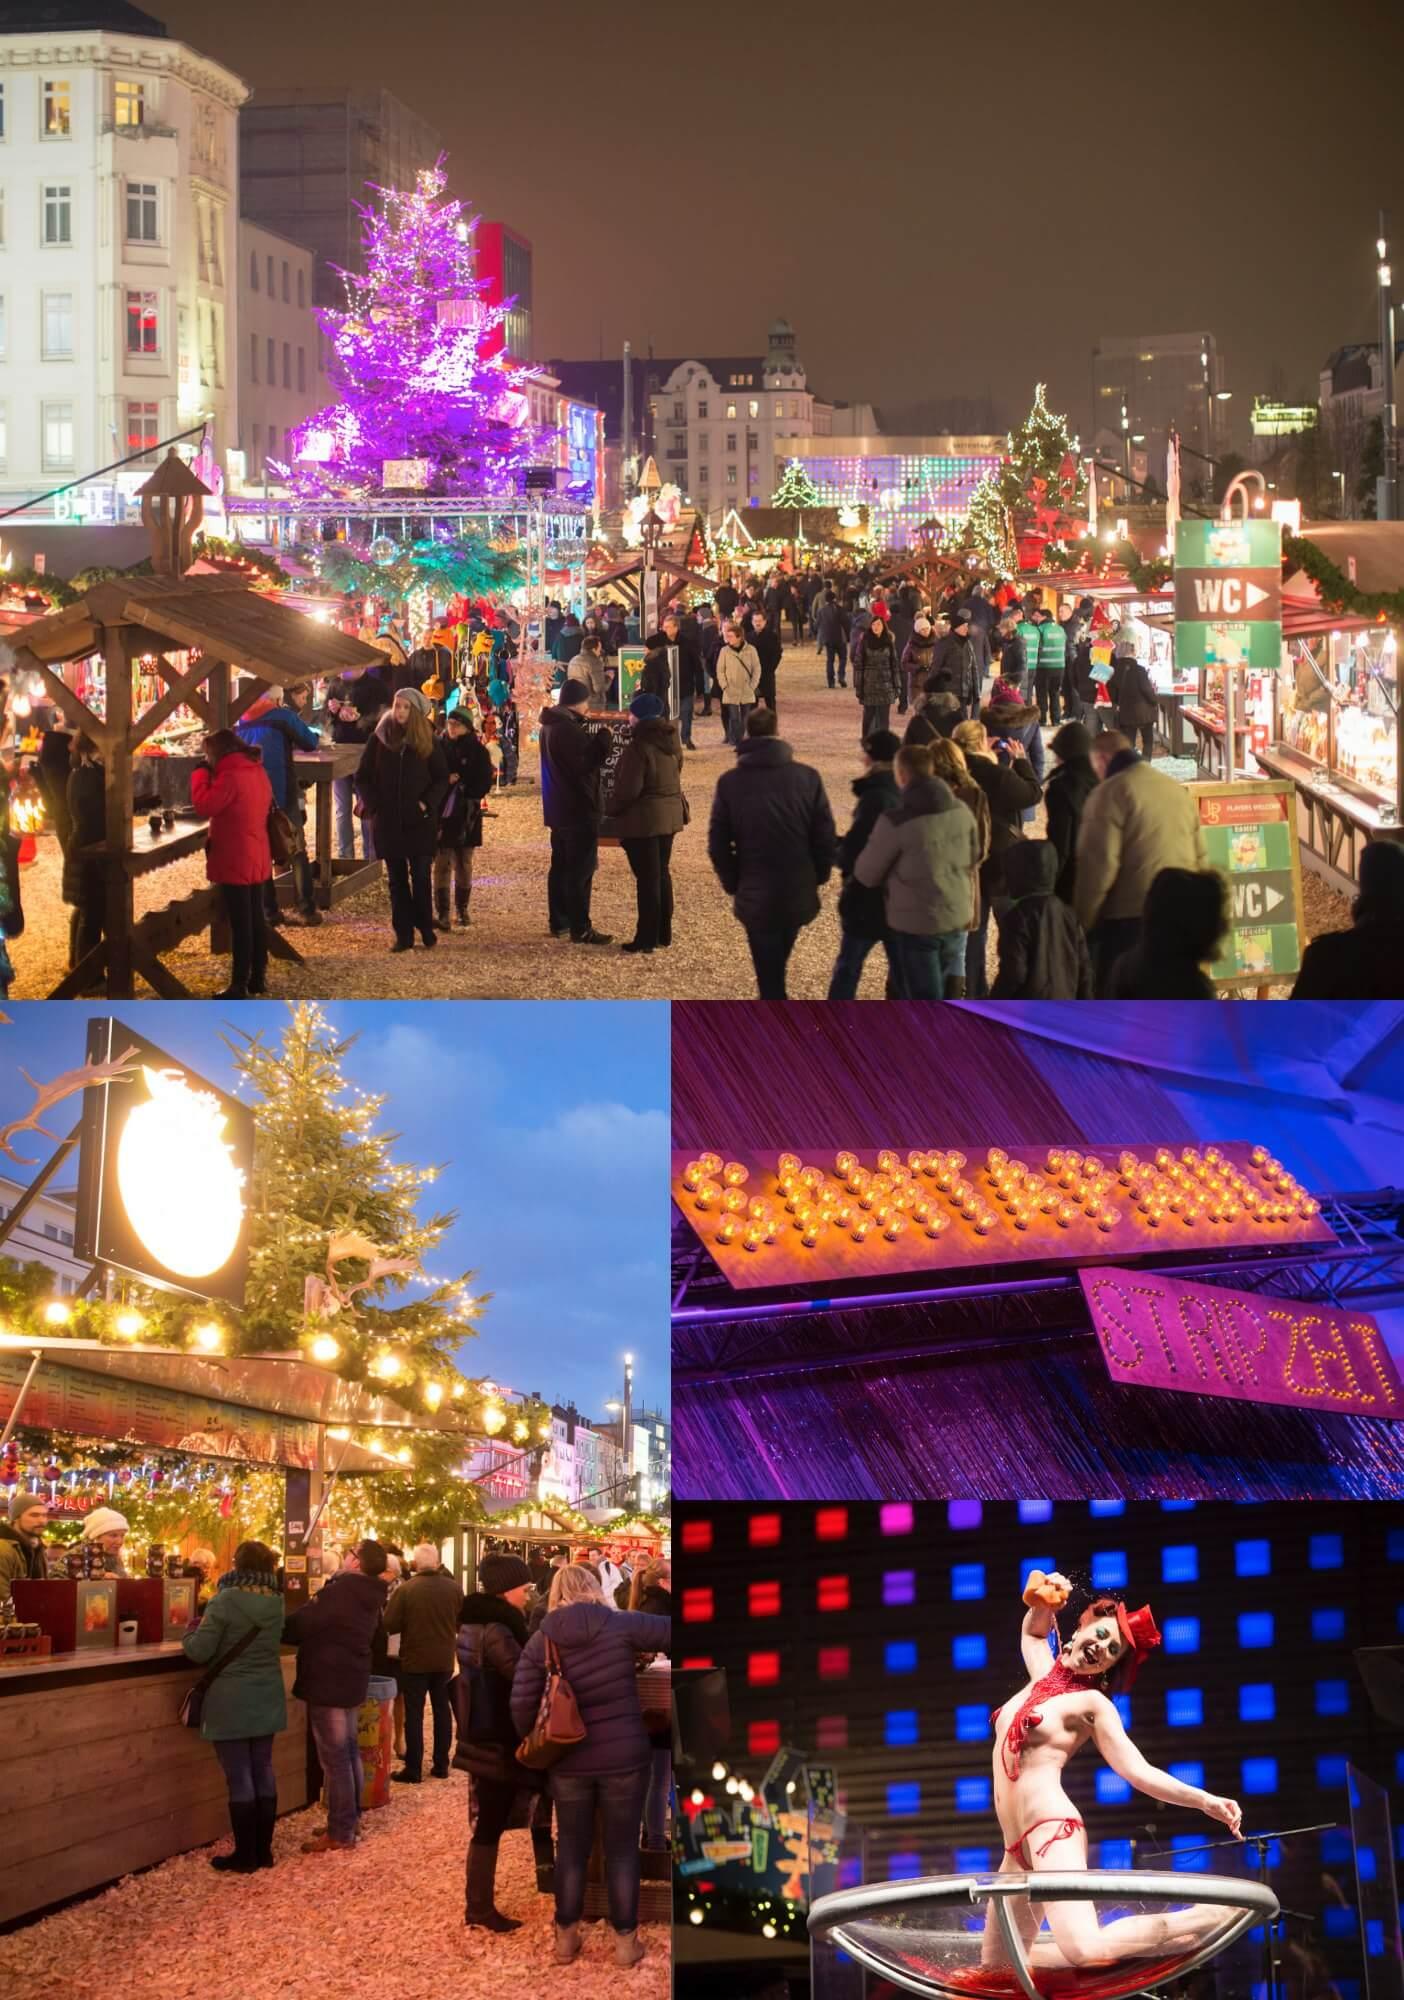 St Pauli Weihnachtsmarkt öffnungszeiten.Endlich Ist Es Soweit Mit Santa Pauli Dem Geilsten Weihnachtsmarkt